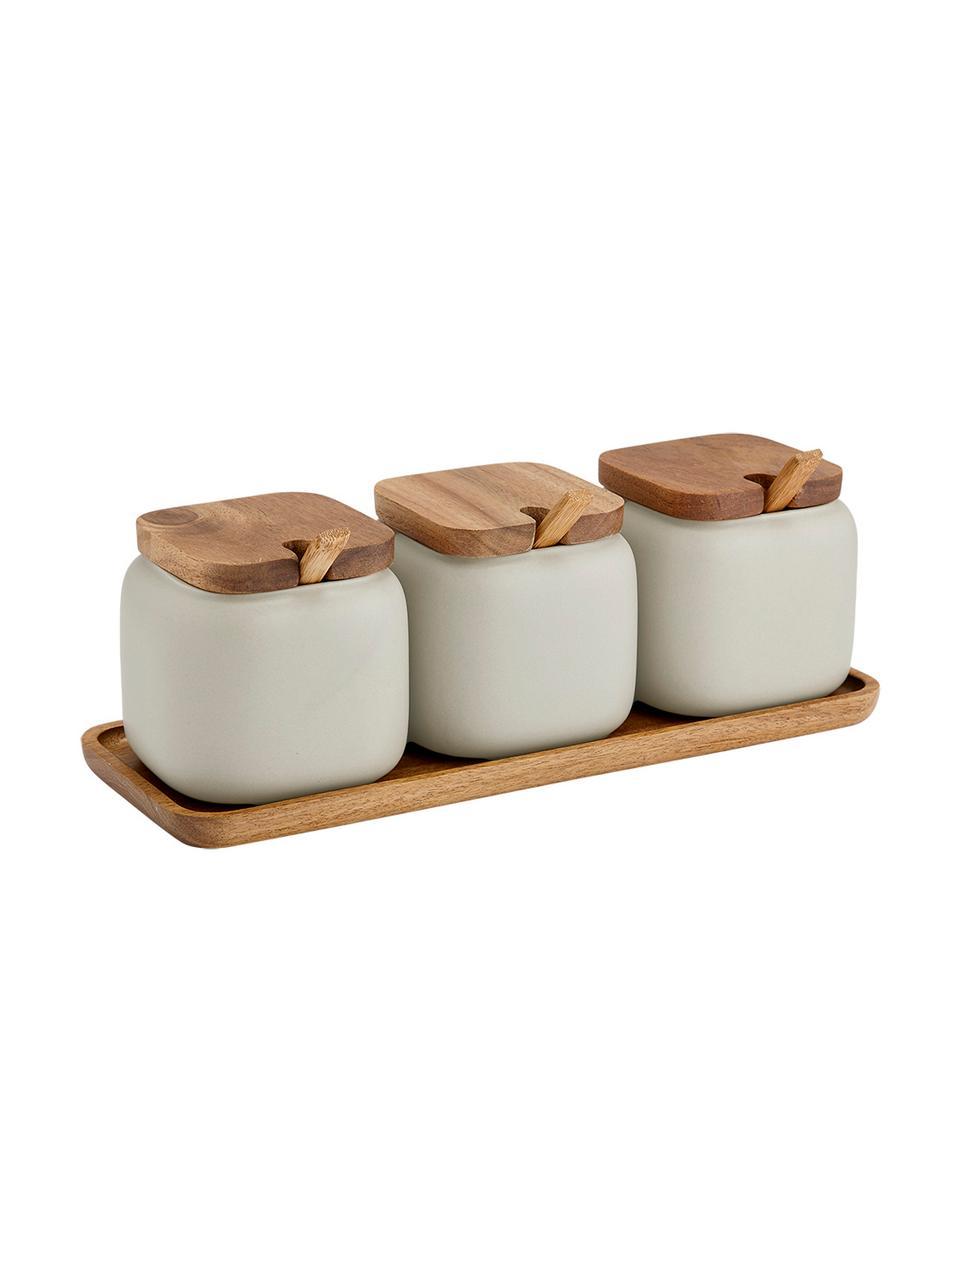 Aufbewahrungsdosen-Set Essentials aus Porzellan und Akazienholz, 7-tlg., Sandfarben, Akazienholz, Set mit verschiedenen Größen